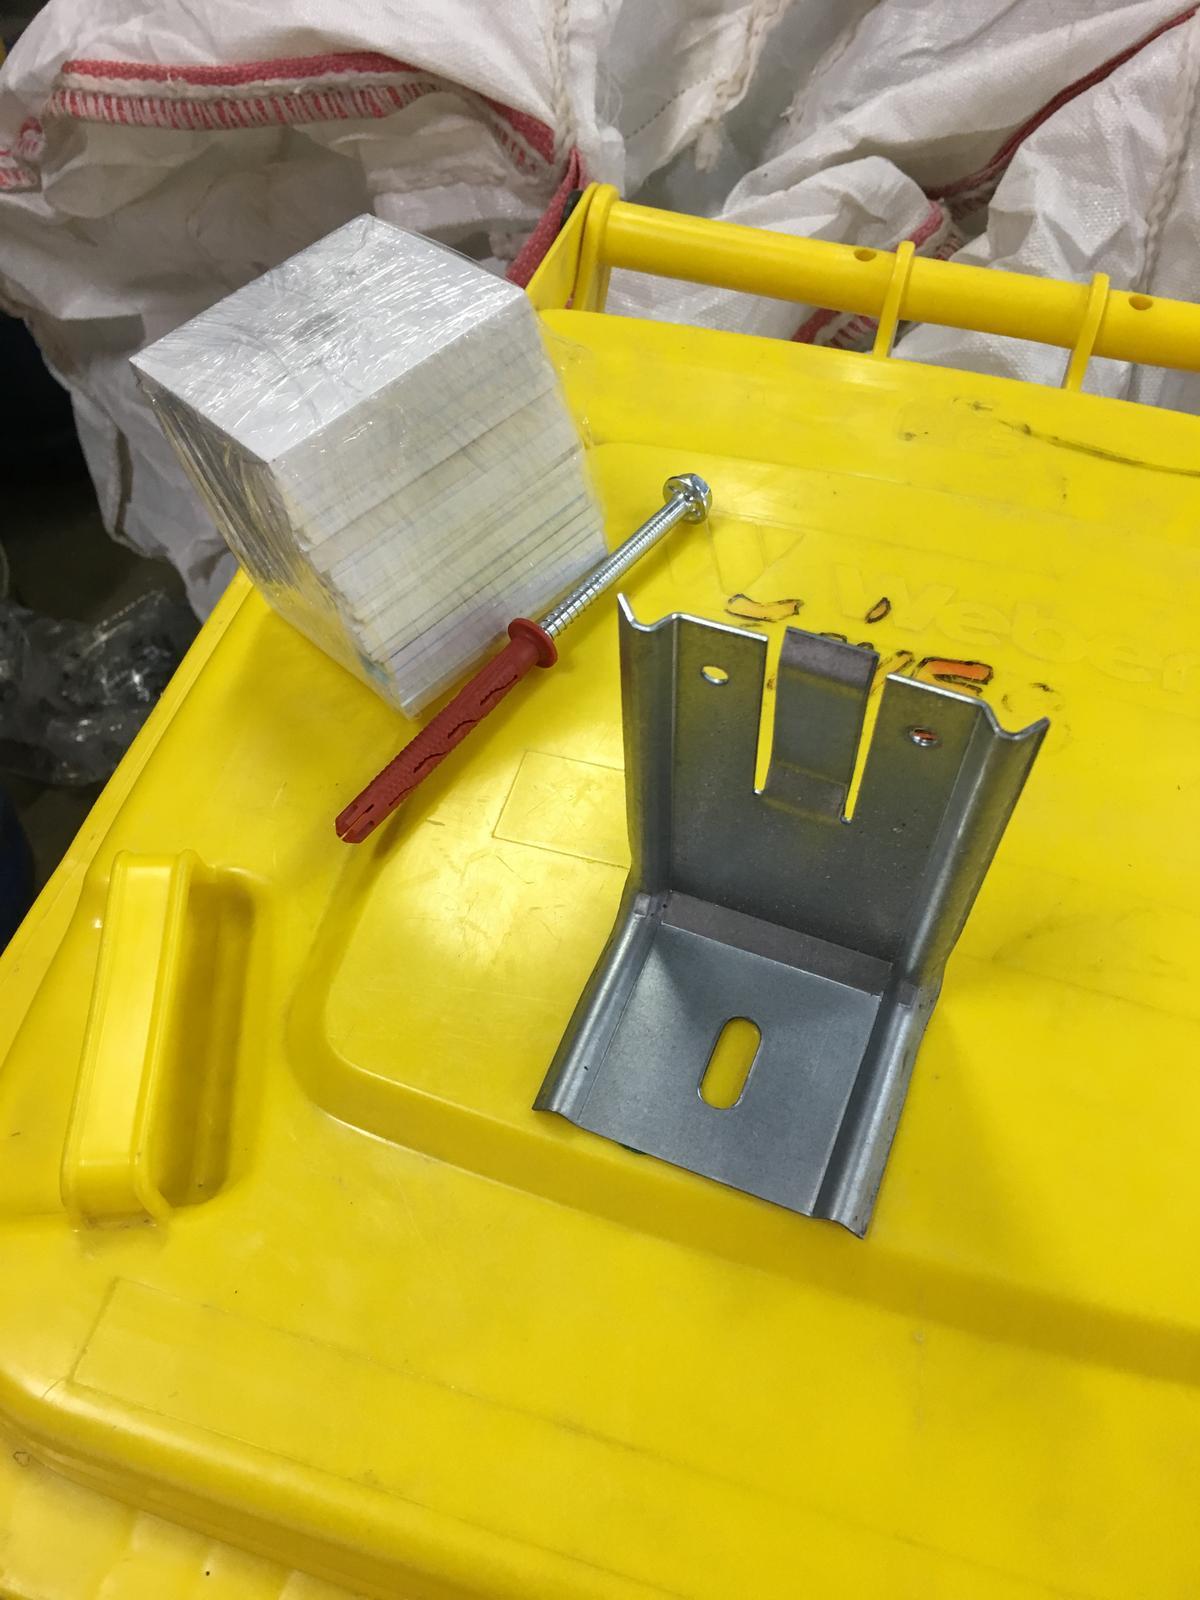 Nase byvanie - material na kotvenie rostu pre odvetranu fasadu, L profil, plastova podlozka a skrutka s hmozdinkou. Ziadna veda.